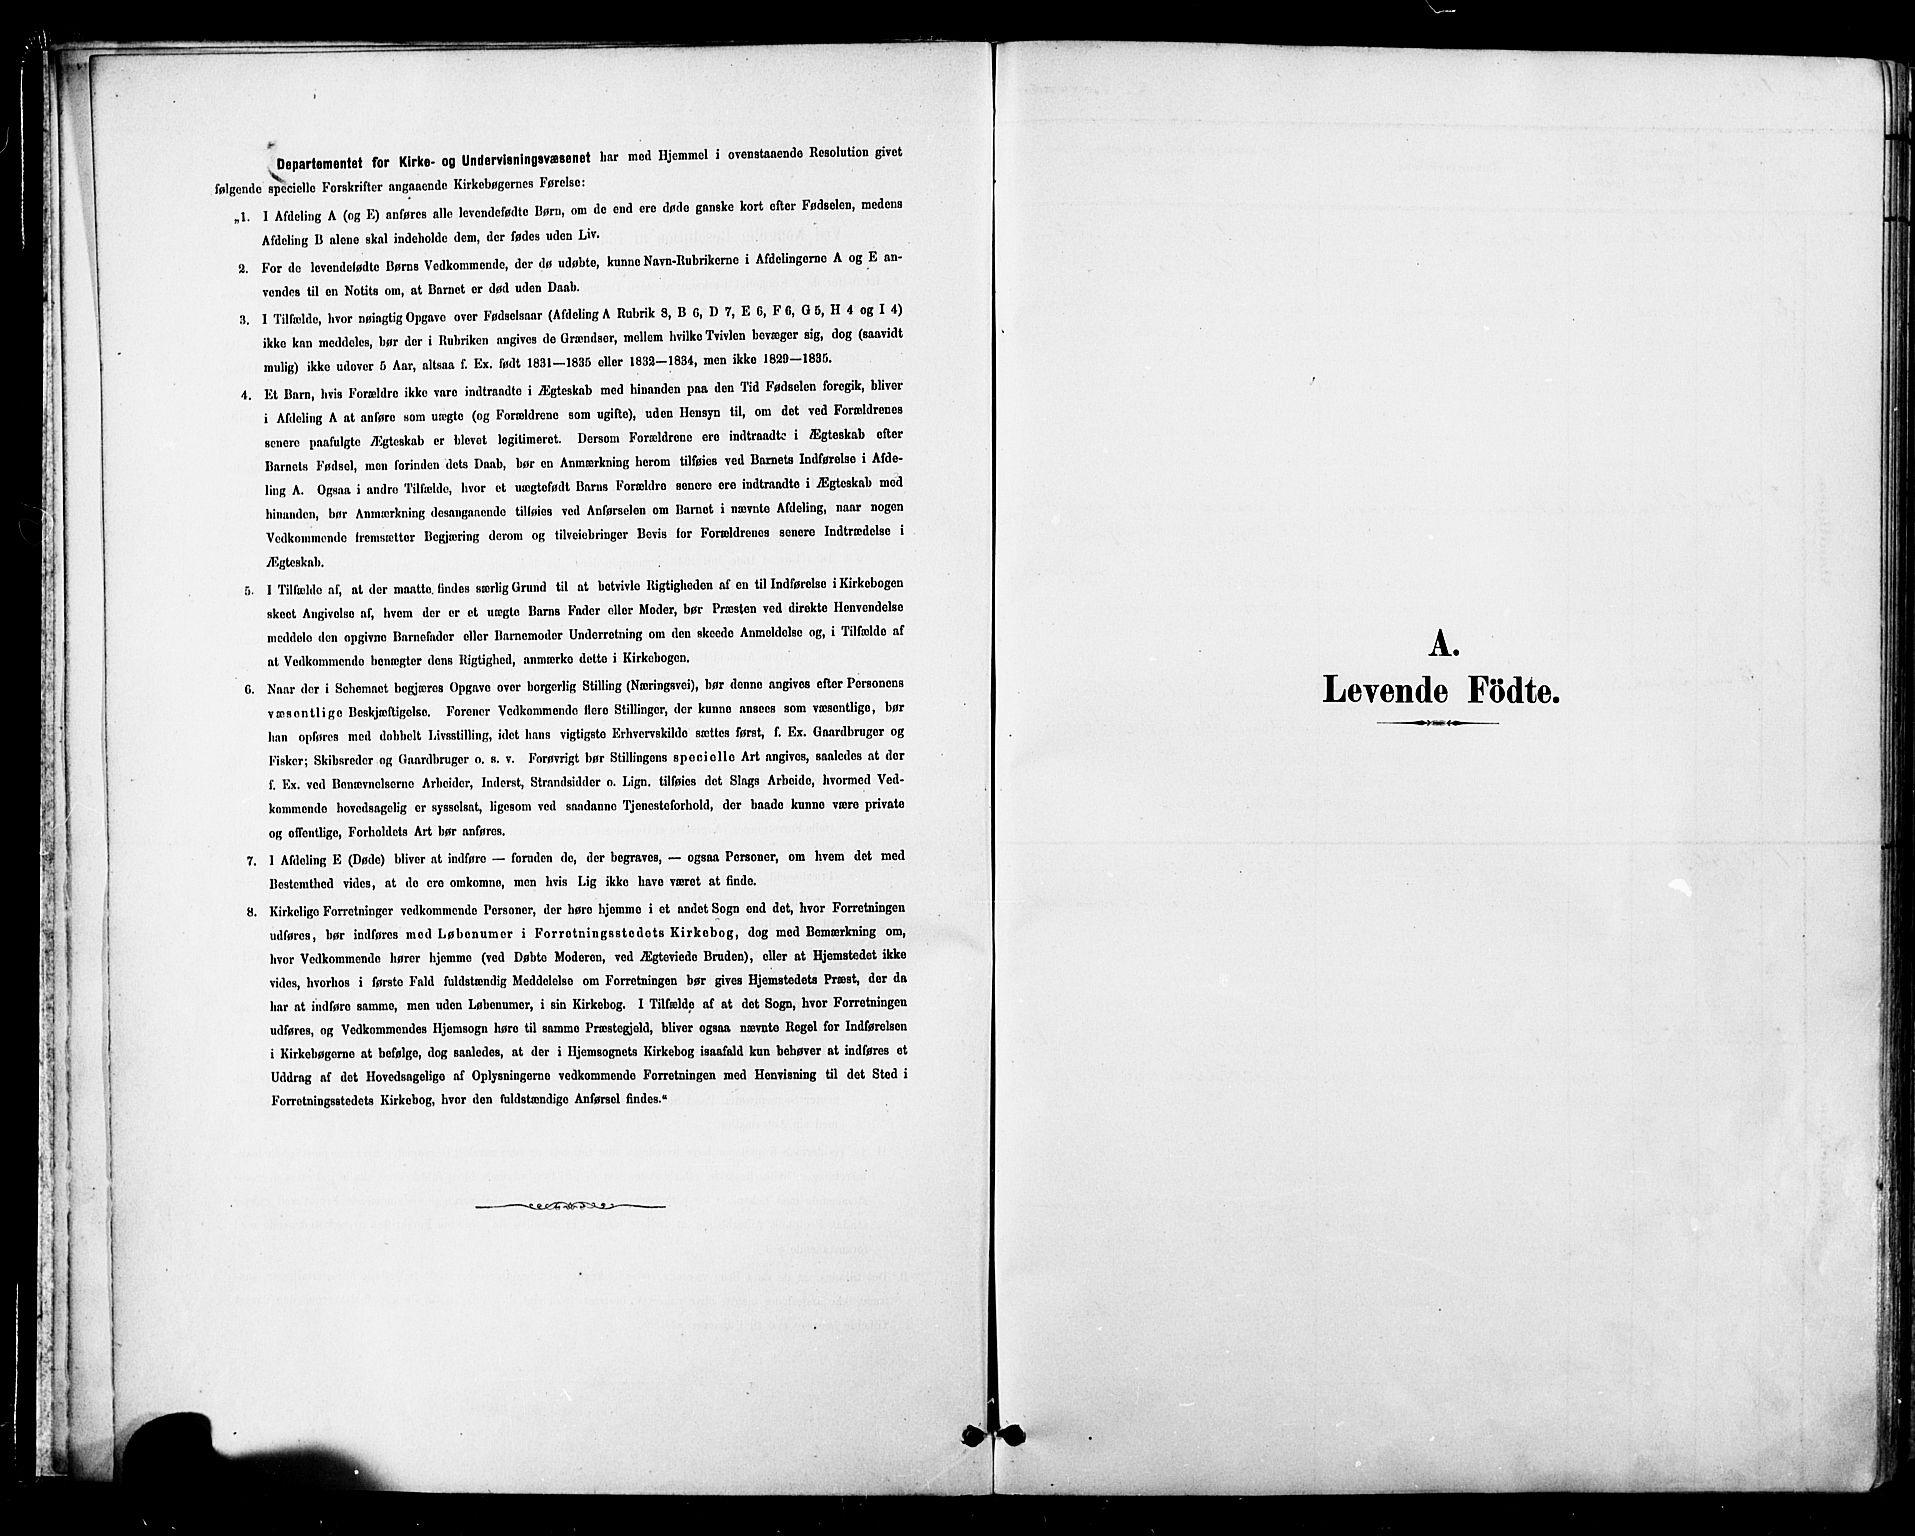 SAT, Ministerialprotokoller, klokkerbøker og fødselsregistre - Nord-Trøndelag, 755/L0494: Ministerialbok nr. 755A03, 1882-1902